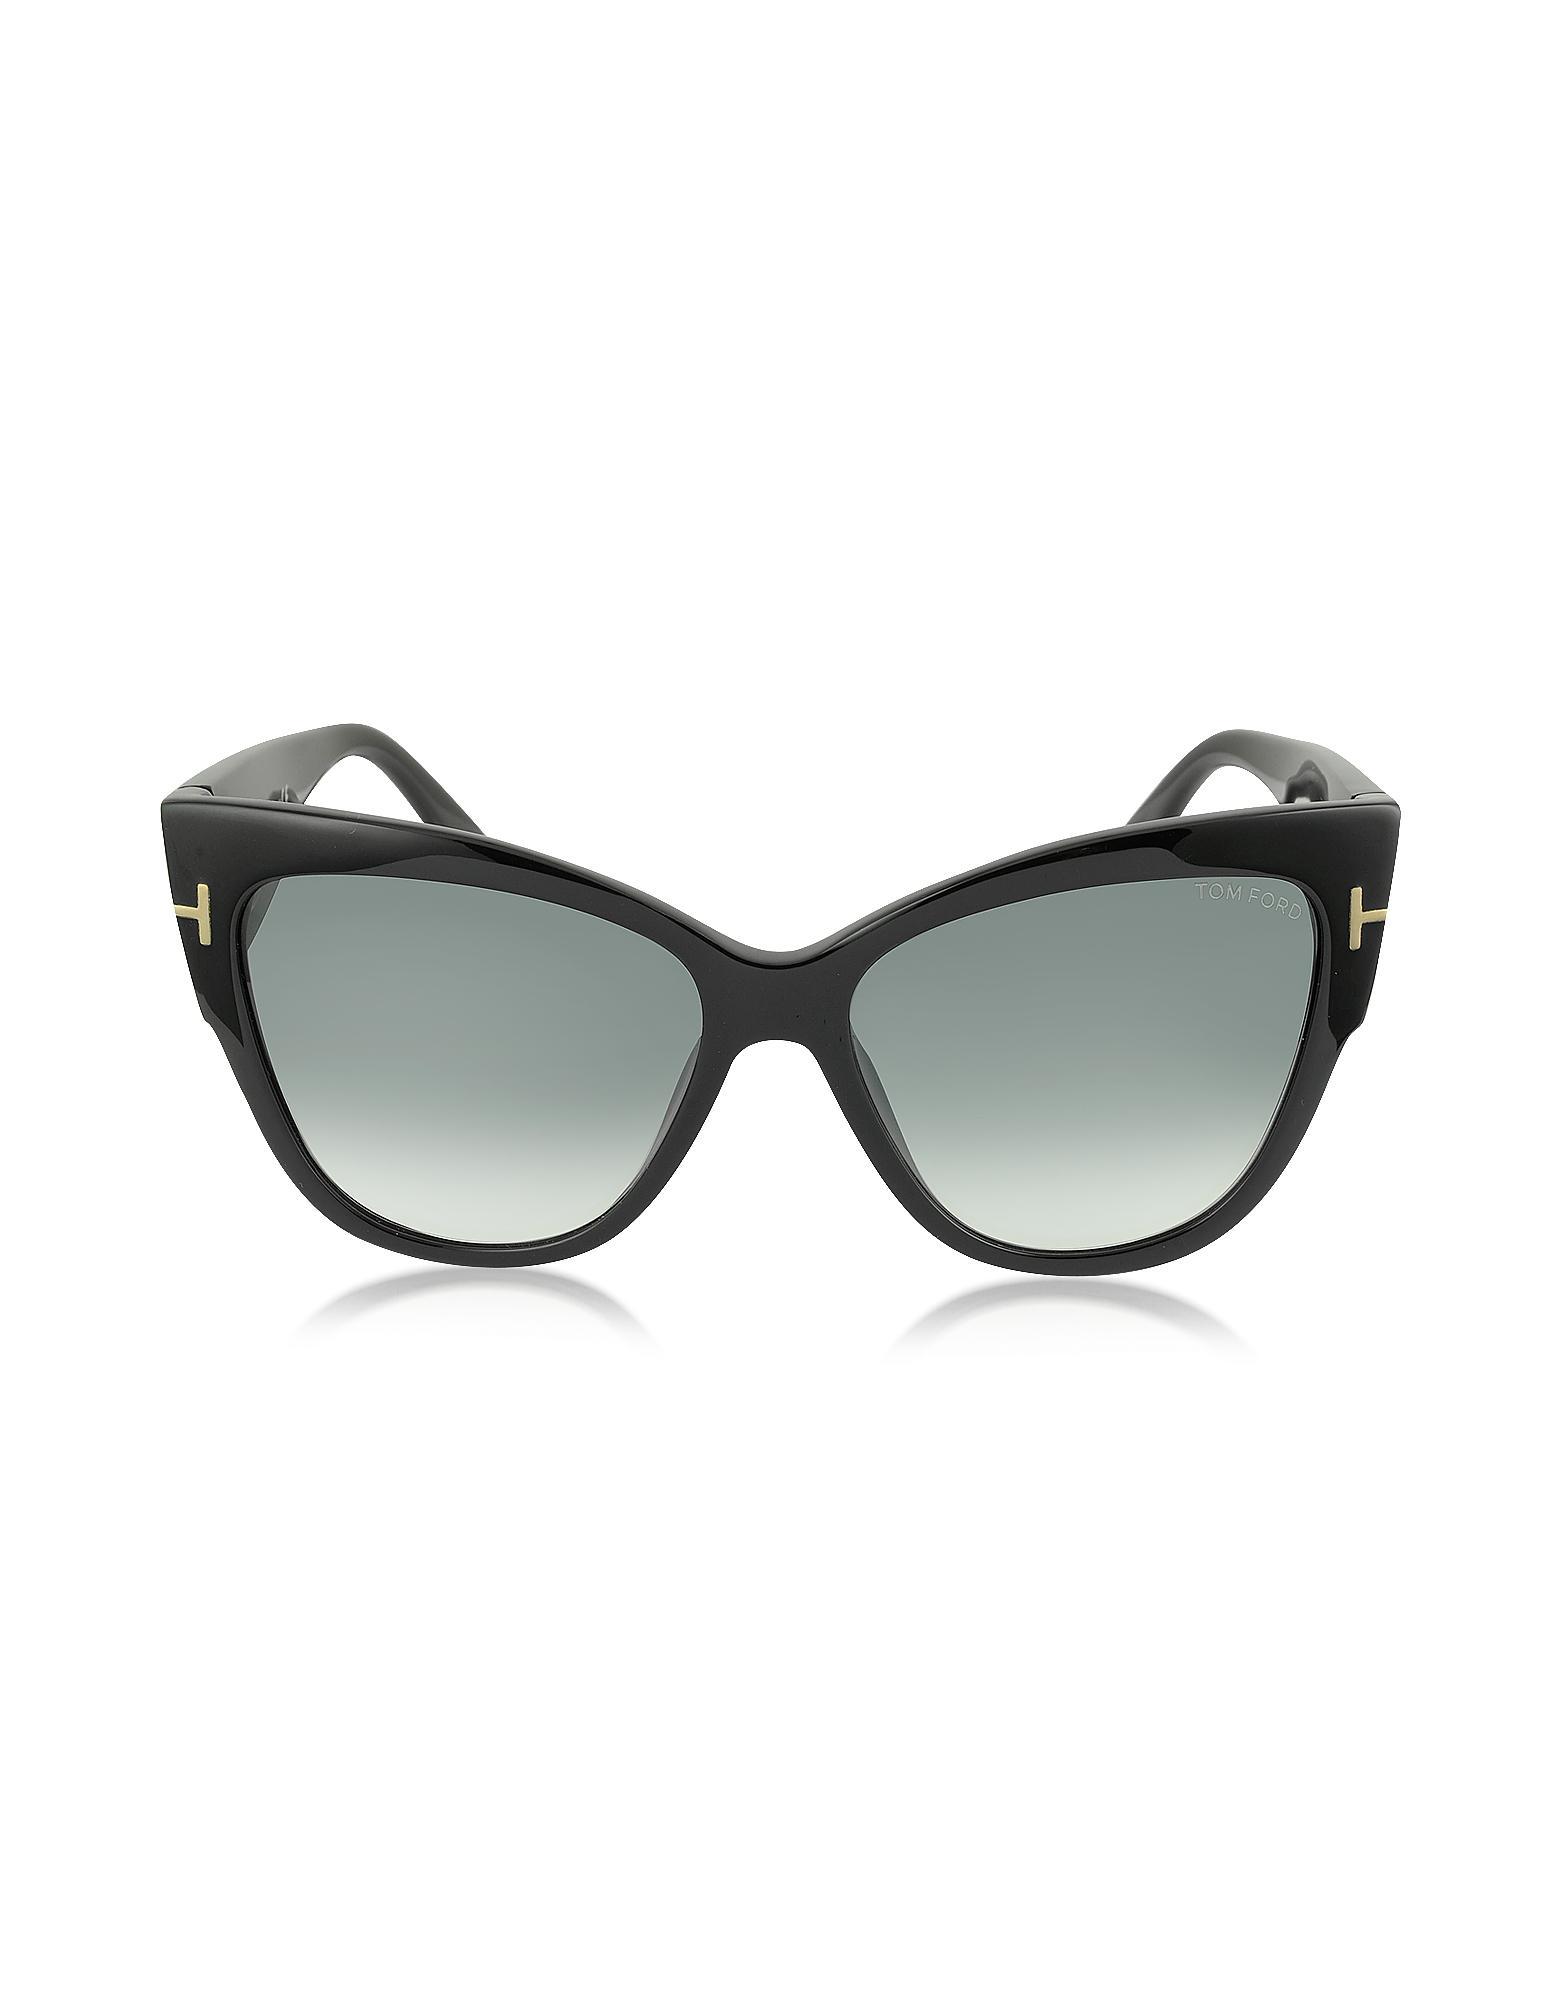 fcde5ce0f8 Tom Ford - Anoushka Ft0371 01b Black Cat Eye Sunglasses - Lyst. View  fullscreen